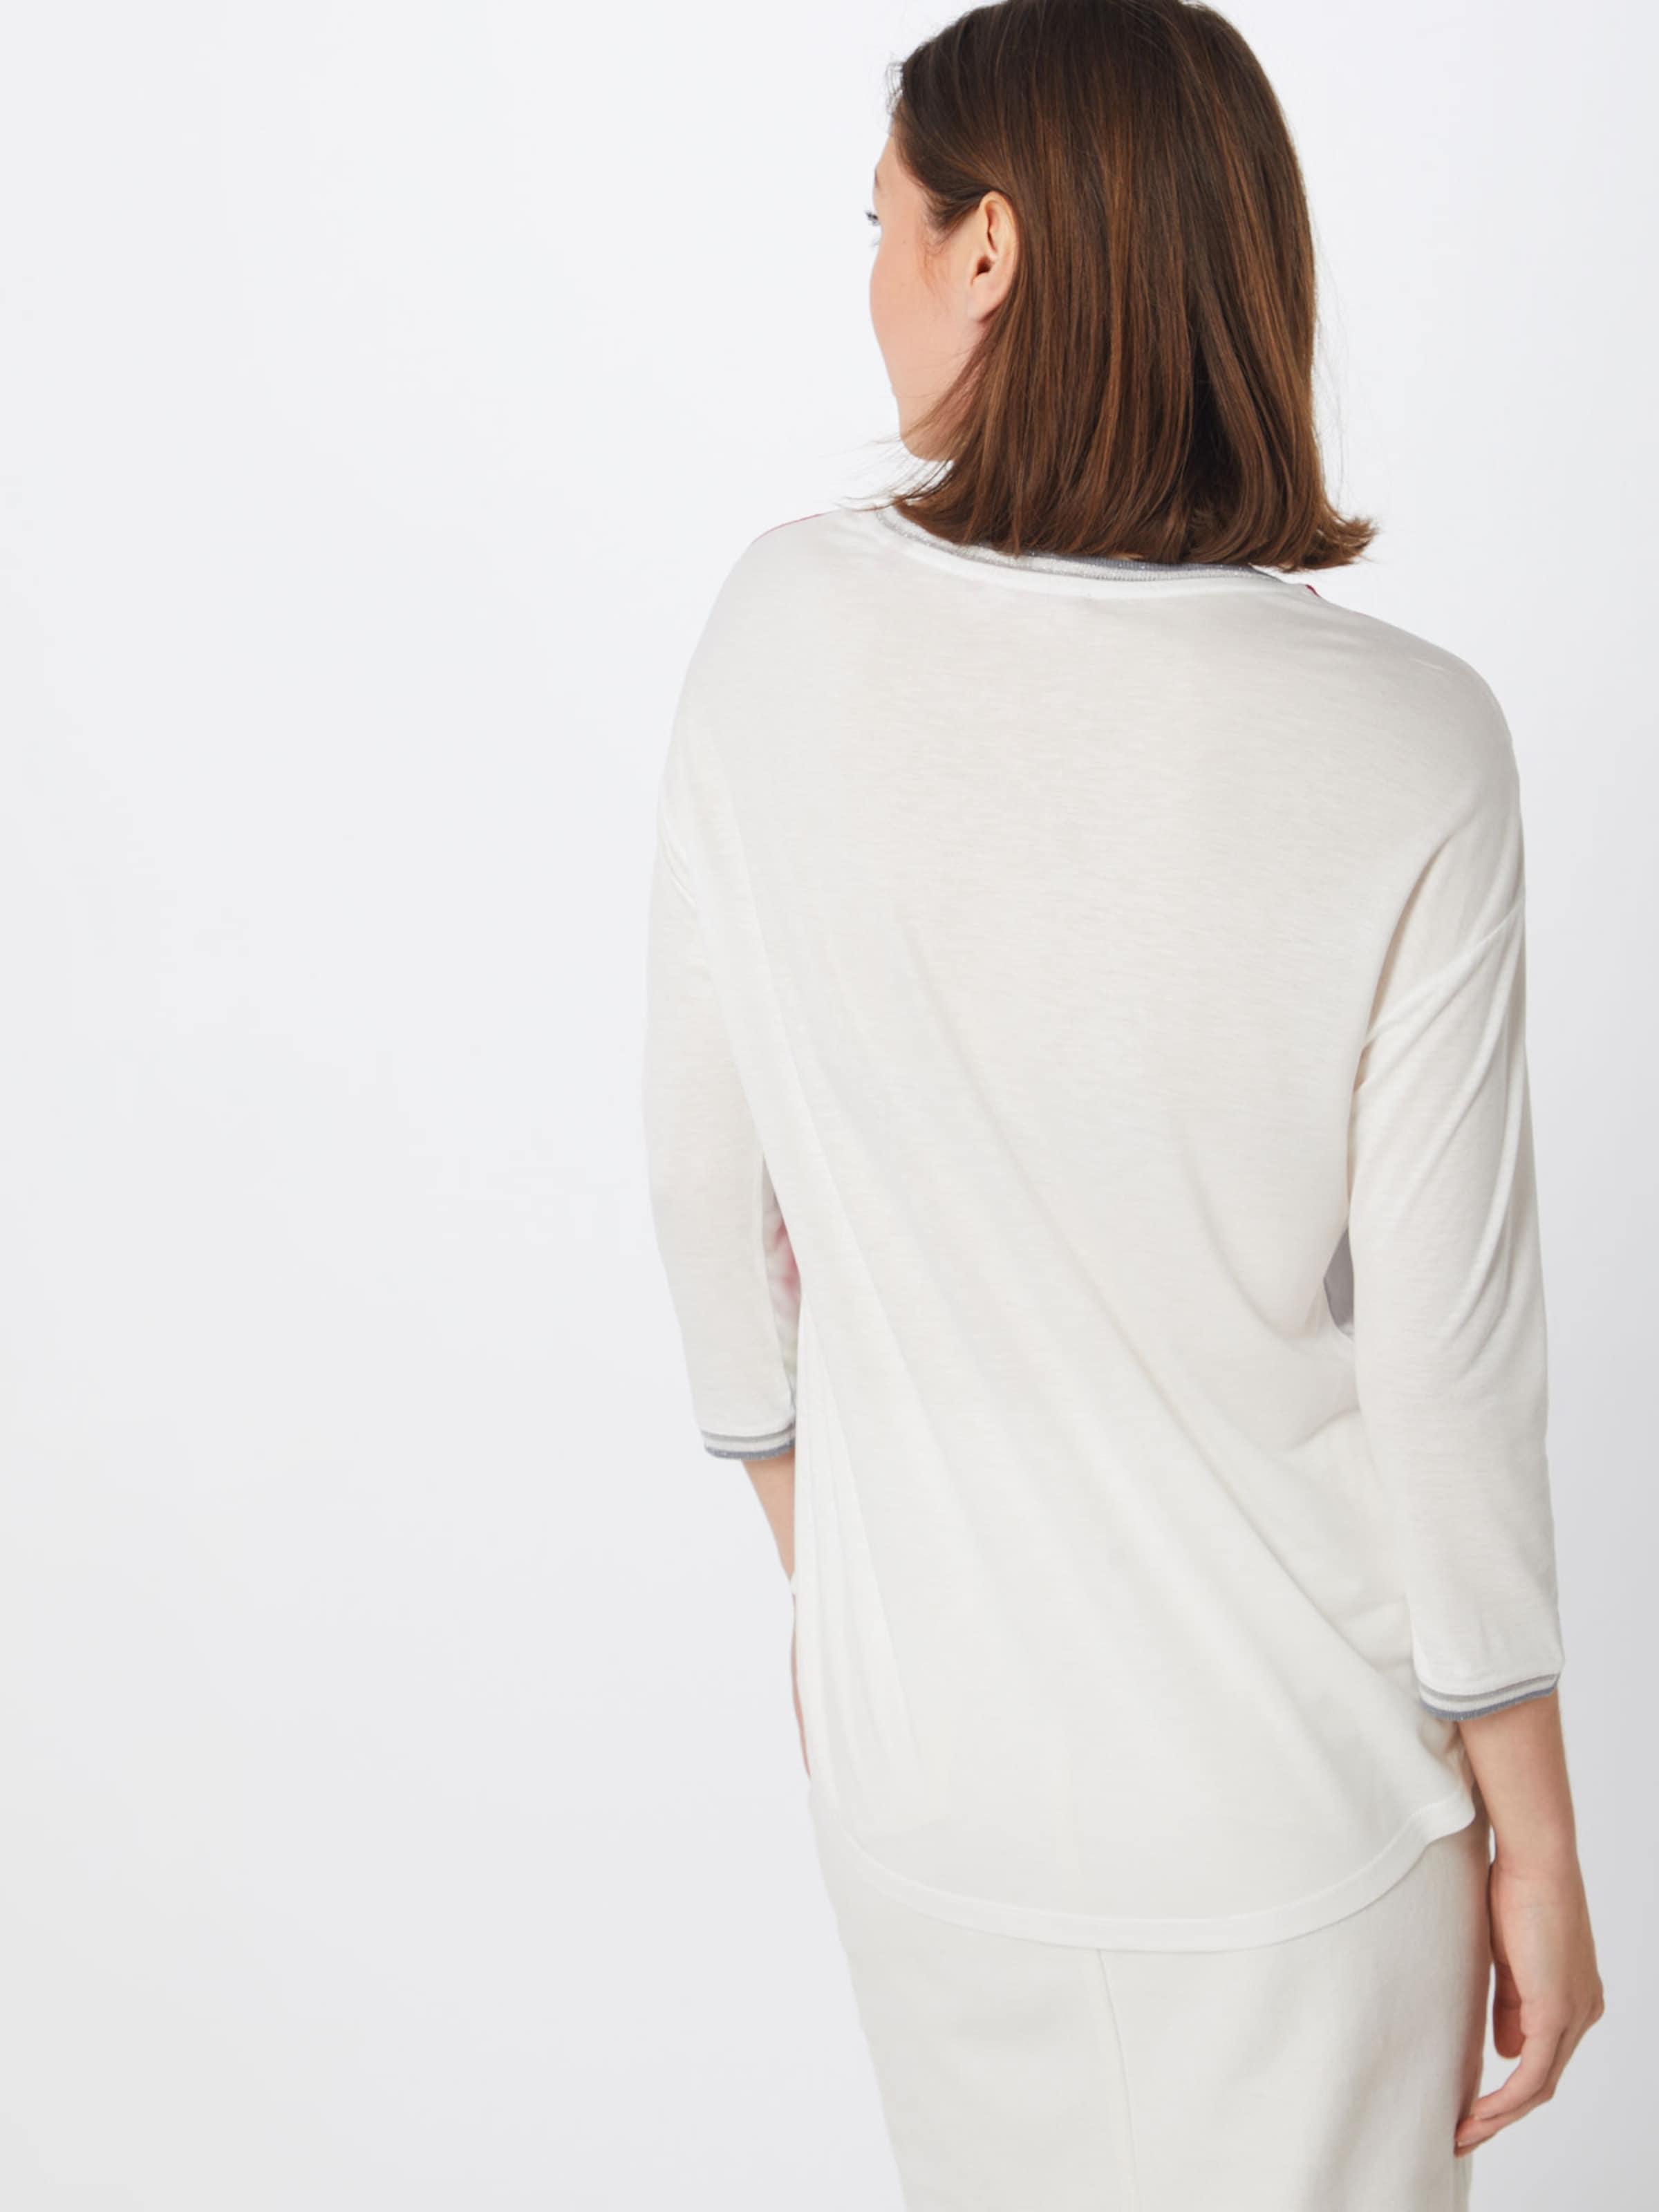 oliver Red Shirt Label In Weiß S MischfarbenPink c3jRLS54Aq